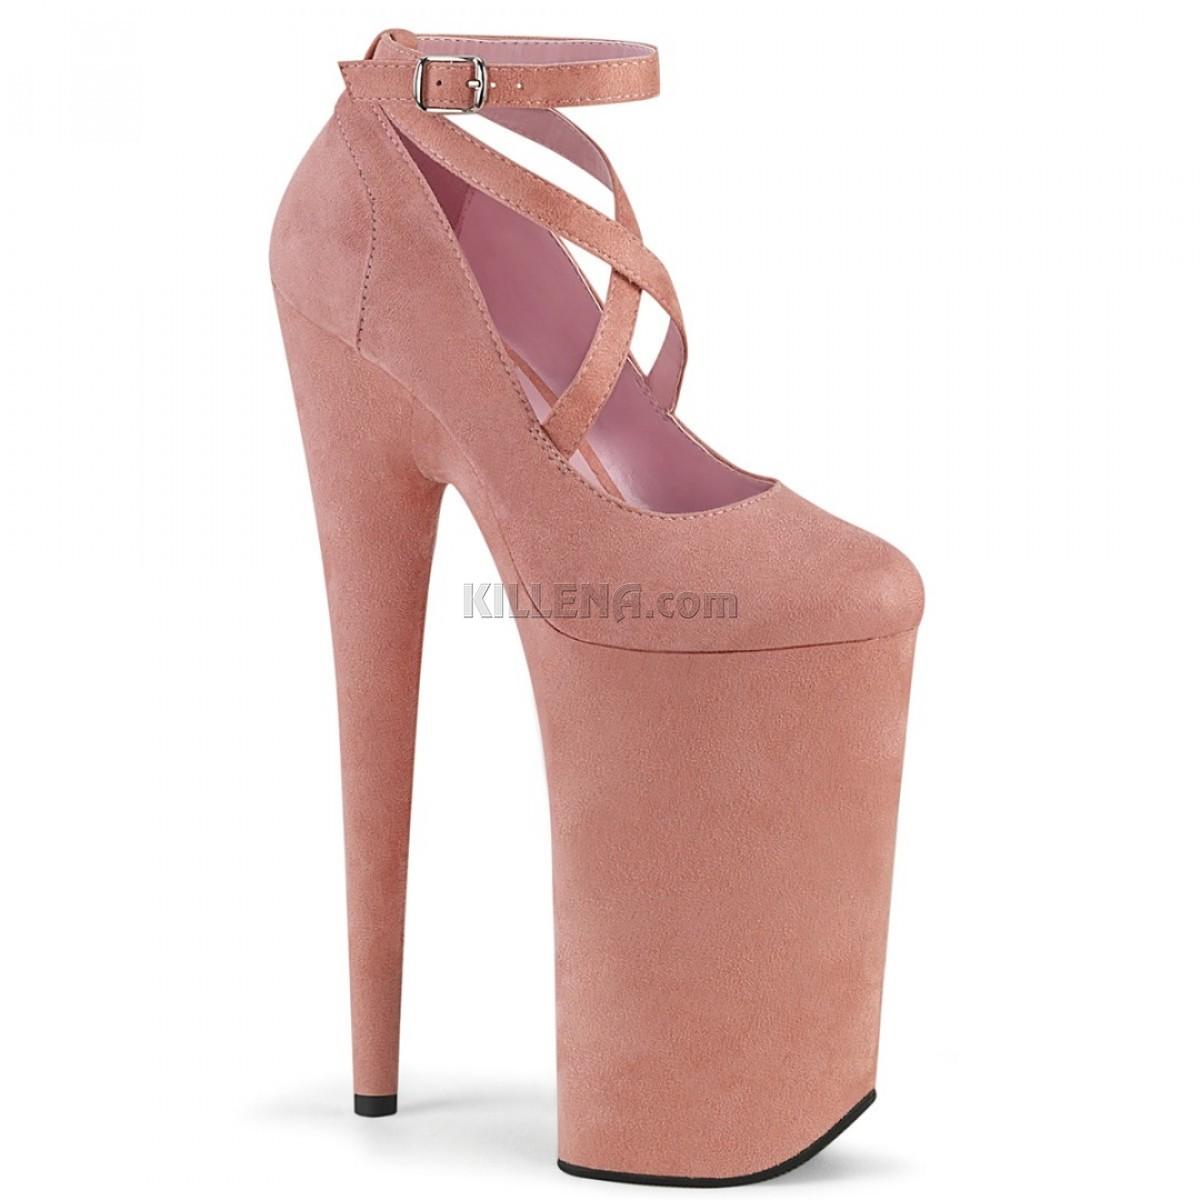 Нежно-розовые замшевые высокие туфли Beyond с перекрещивающимися лямками